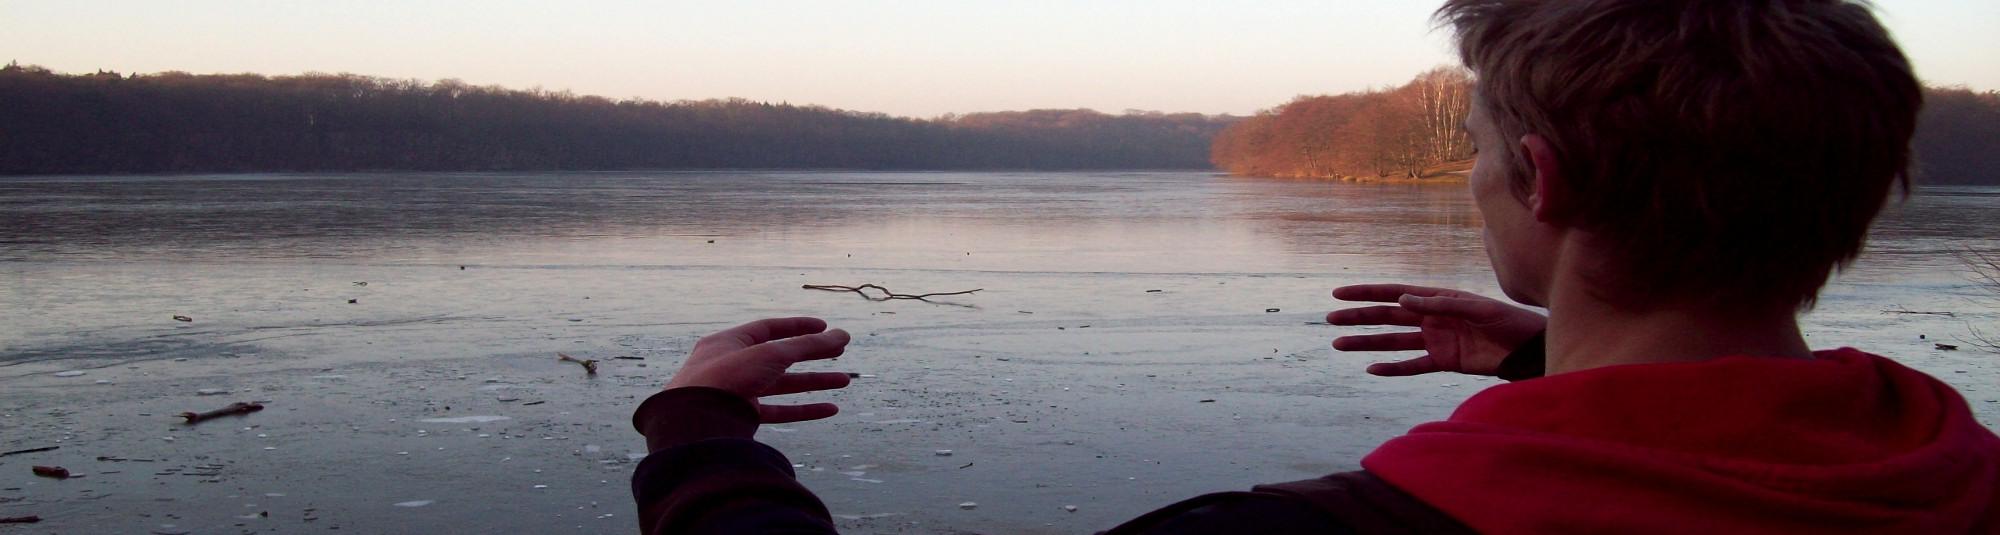 Qigong:  Bewegung - Meditation - Stille